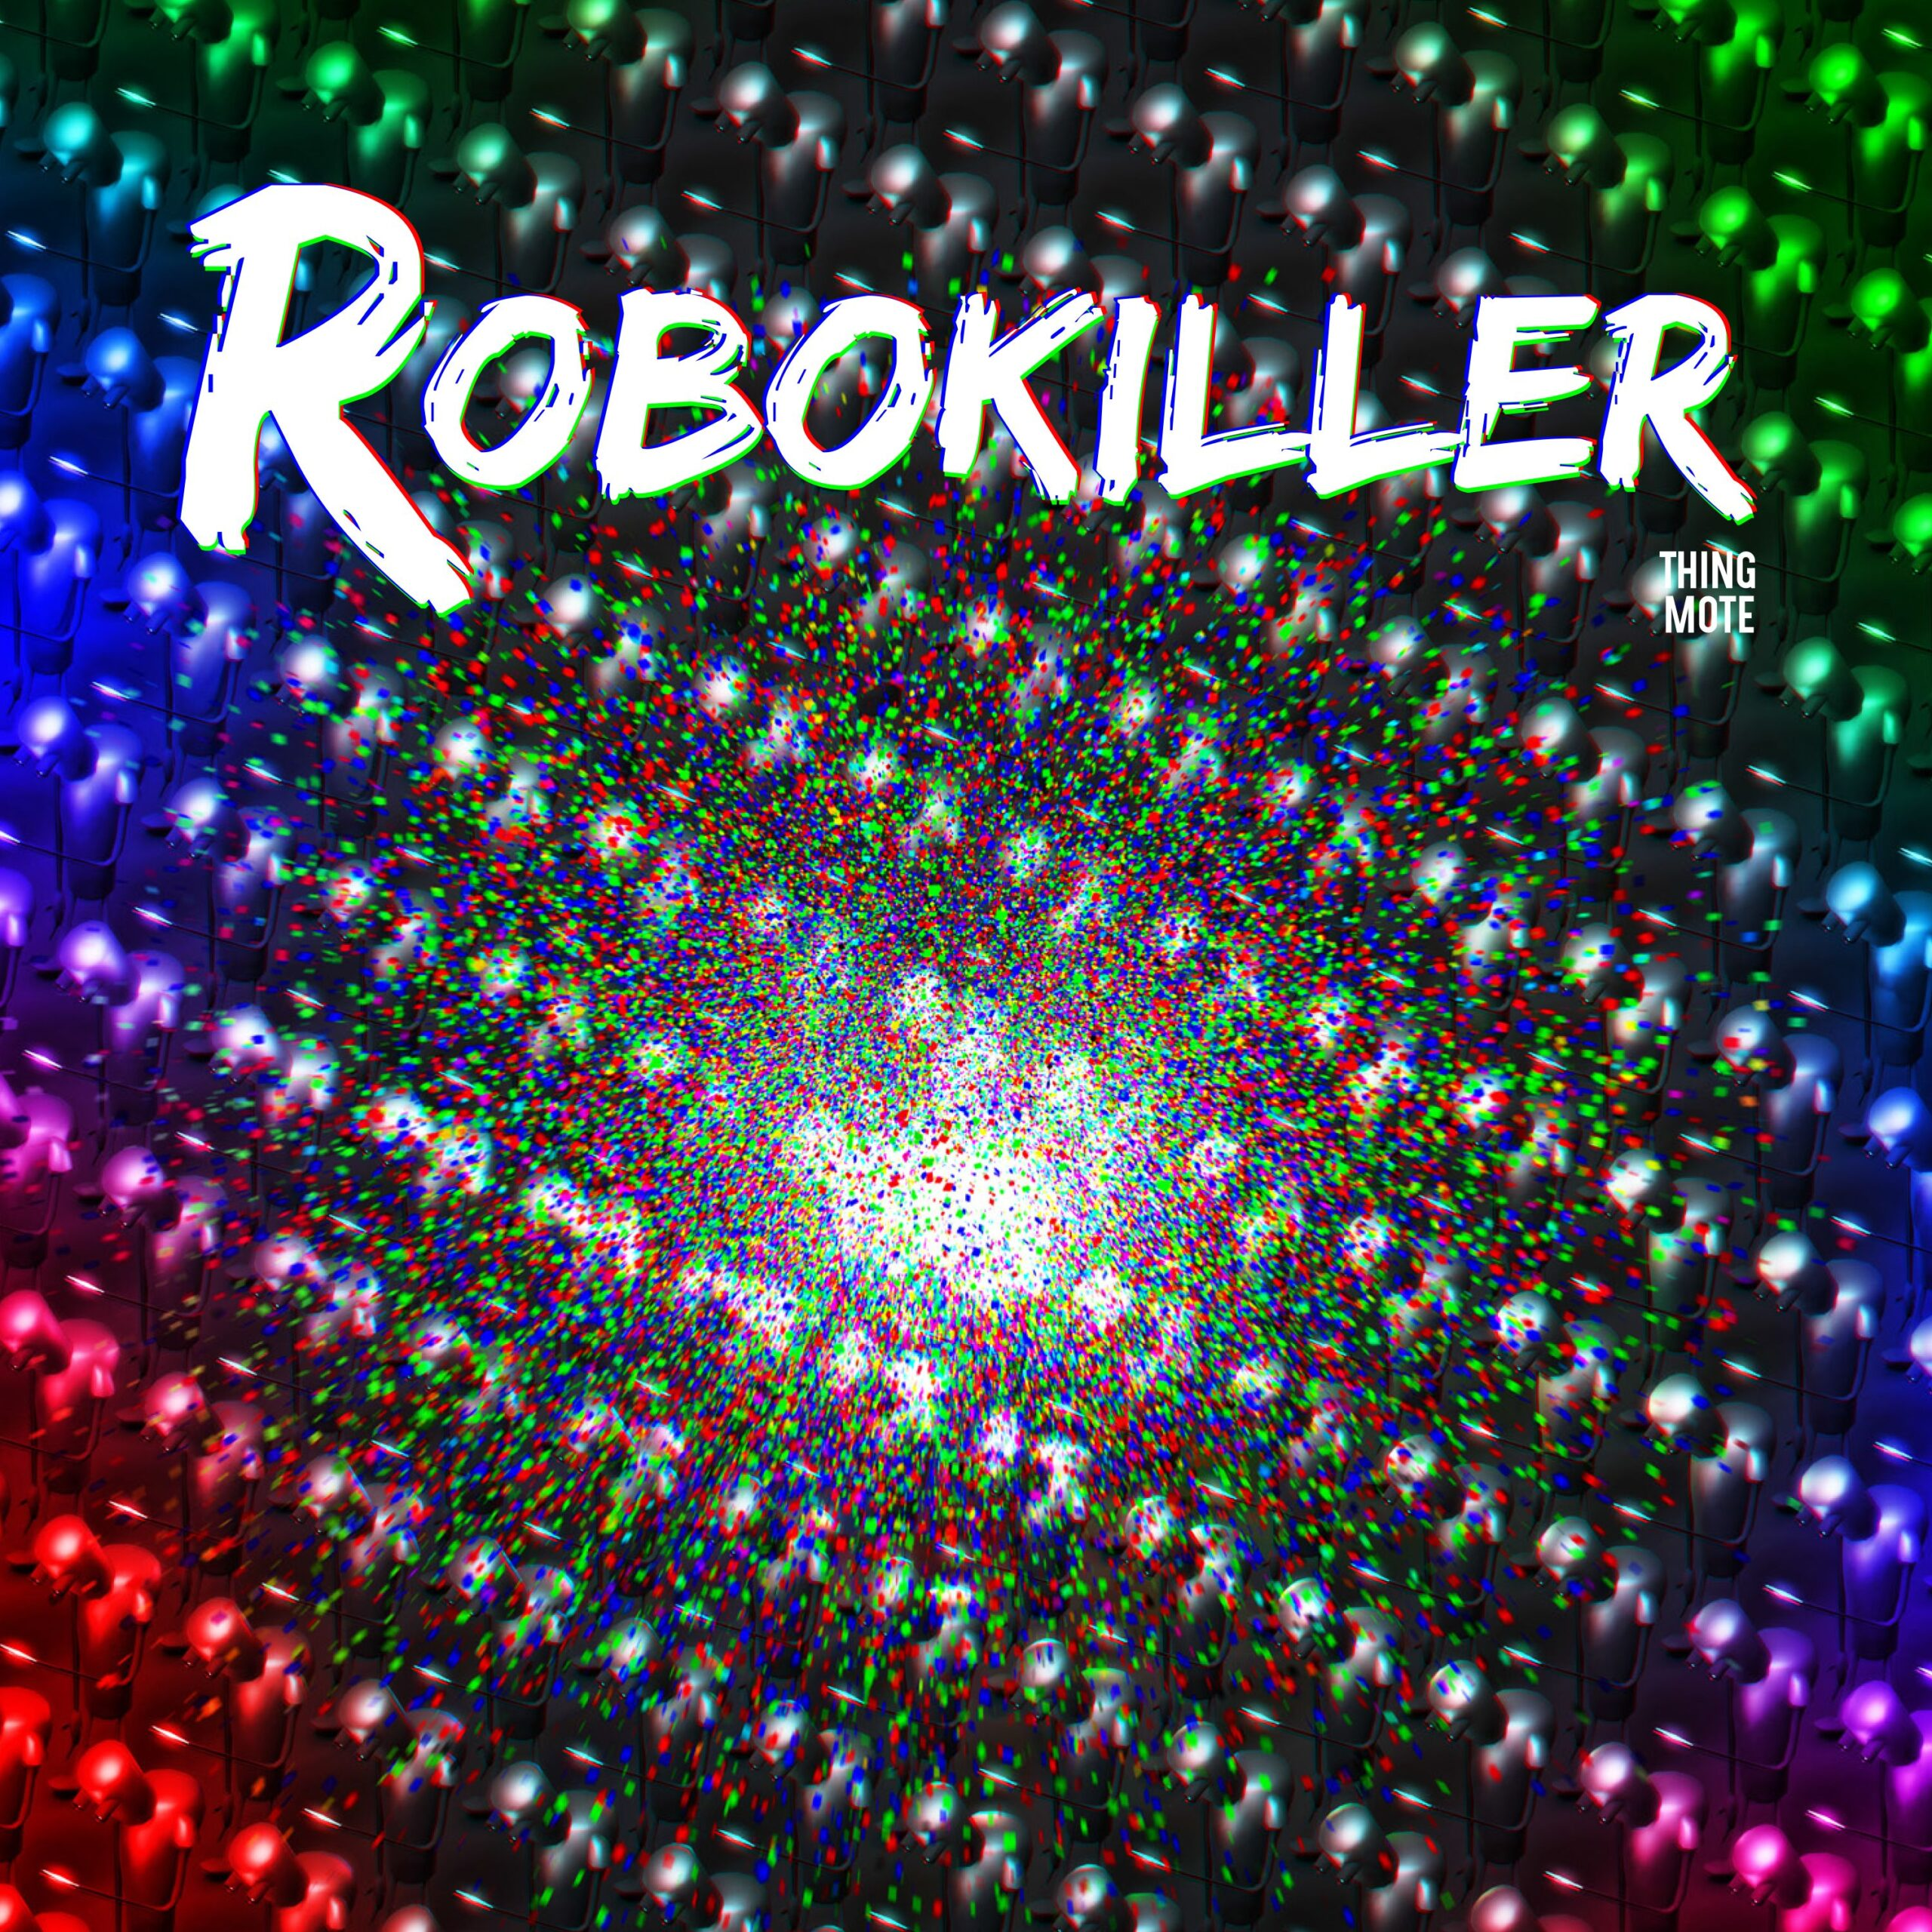 Robokiller, l'esordio dei Thing Mote - Recensione 1